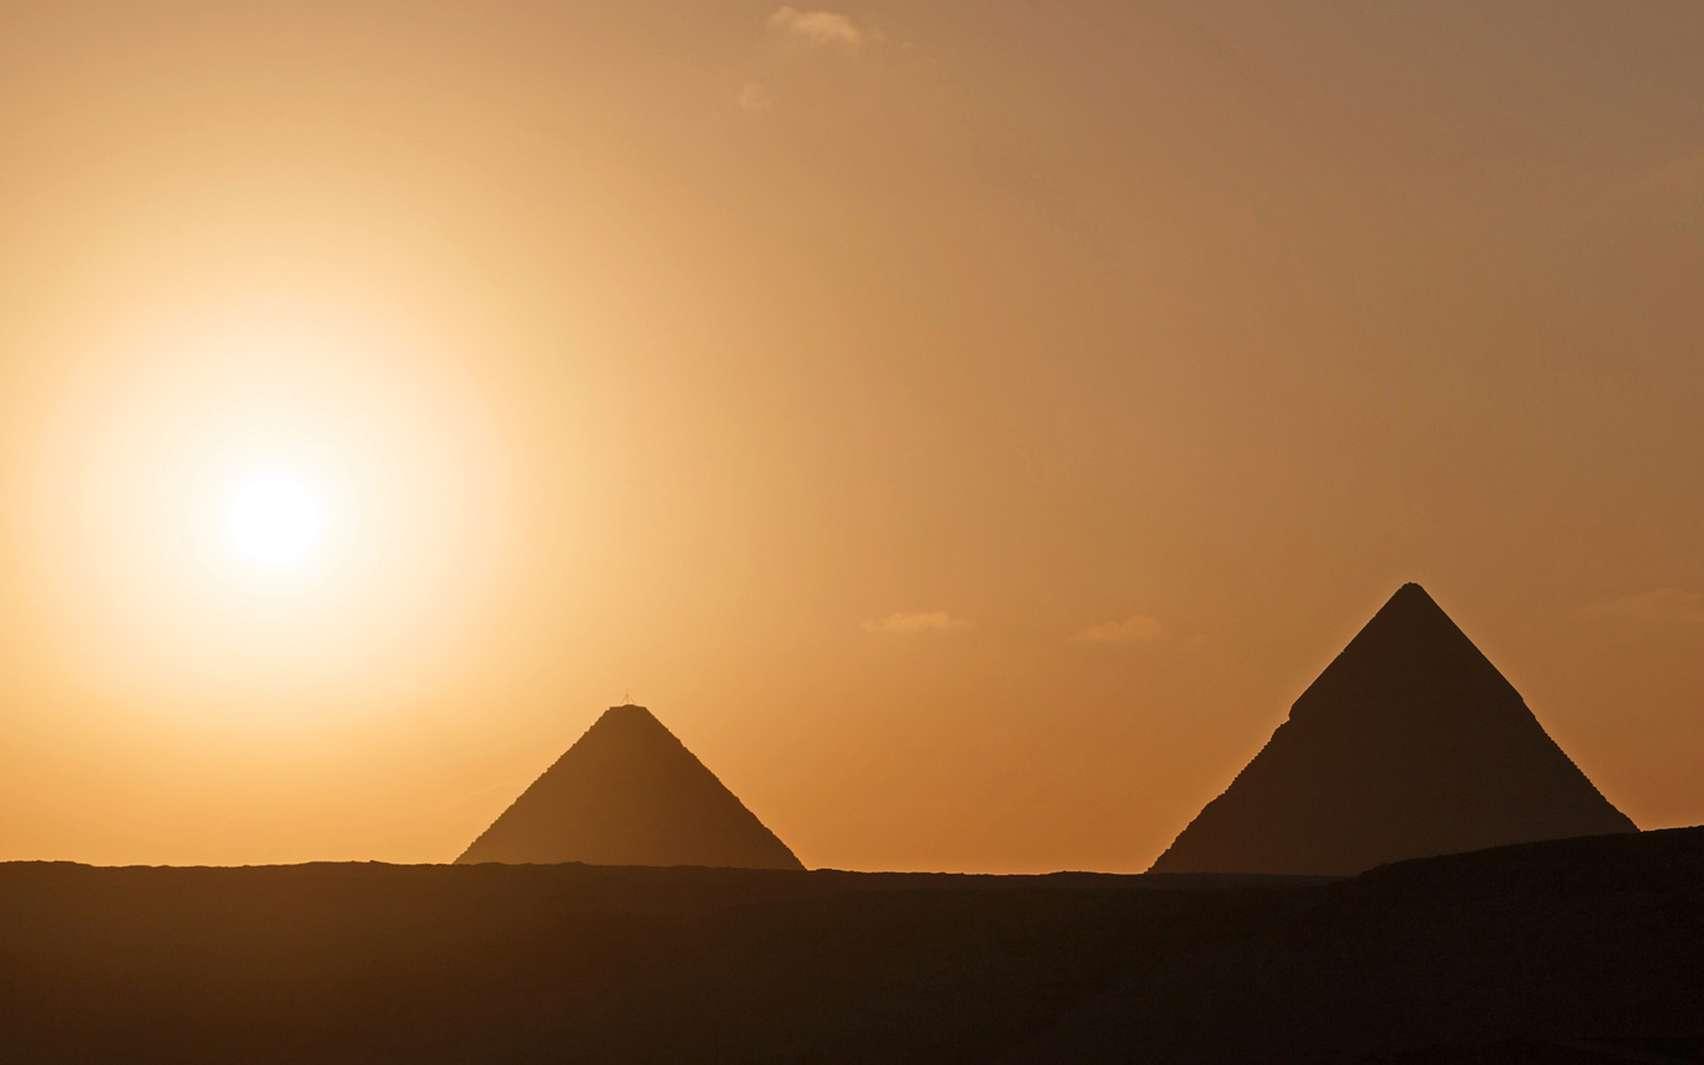 Pyramides du plateau de Gizeh. La pyramide de Khéops est la seule « merveille du monde » encore visible aujourd'hui. © romantiche, fotolia